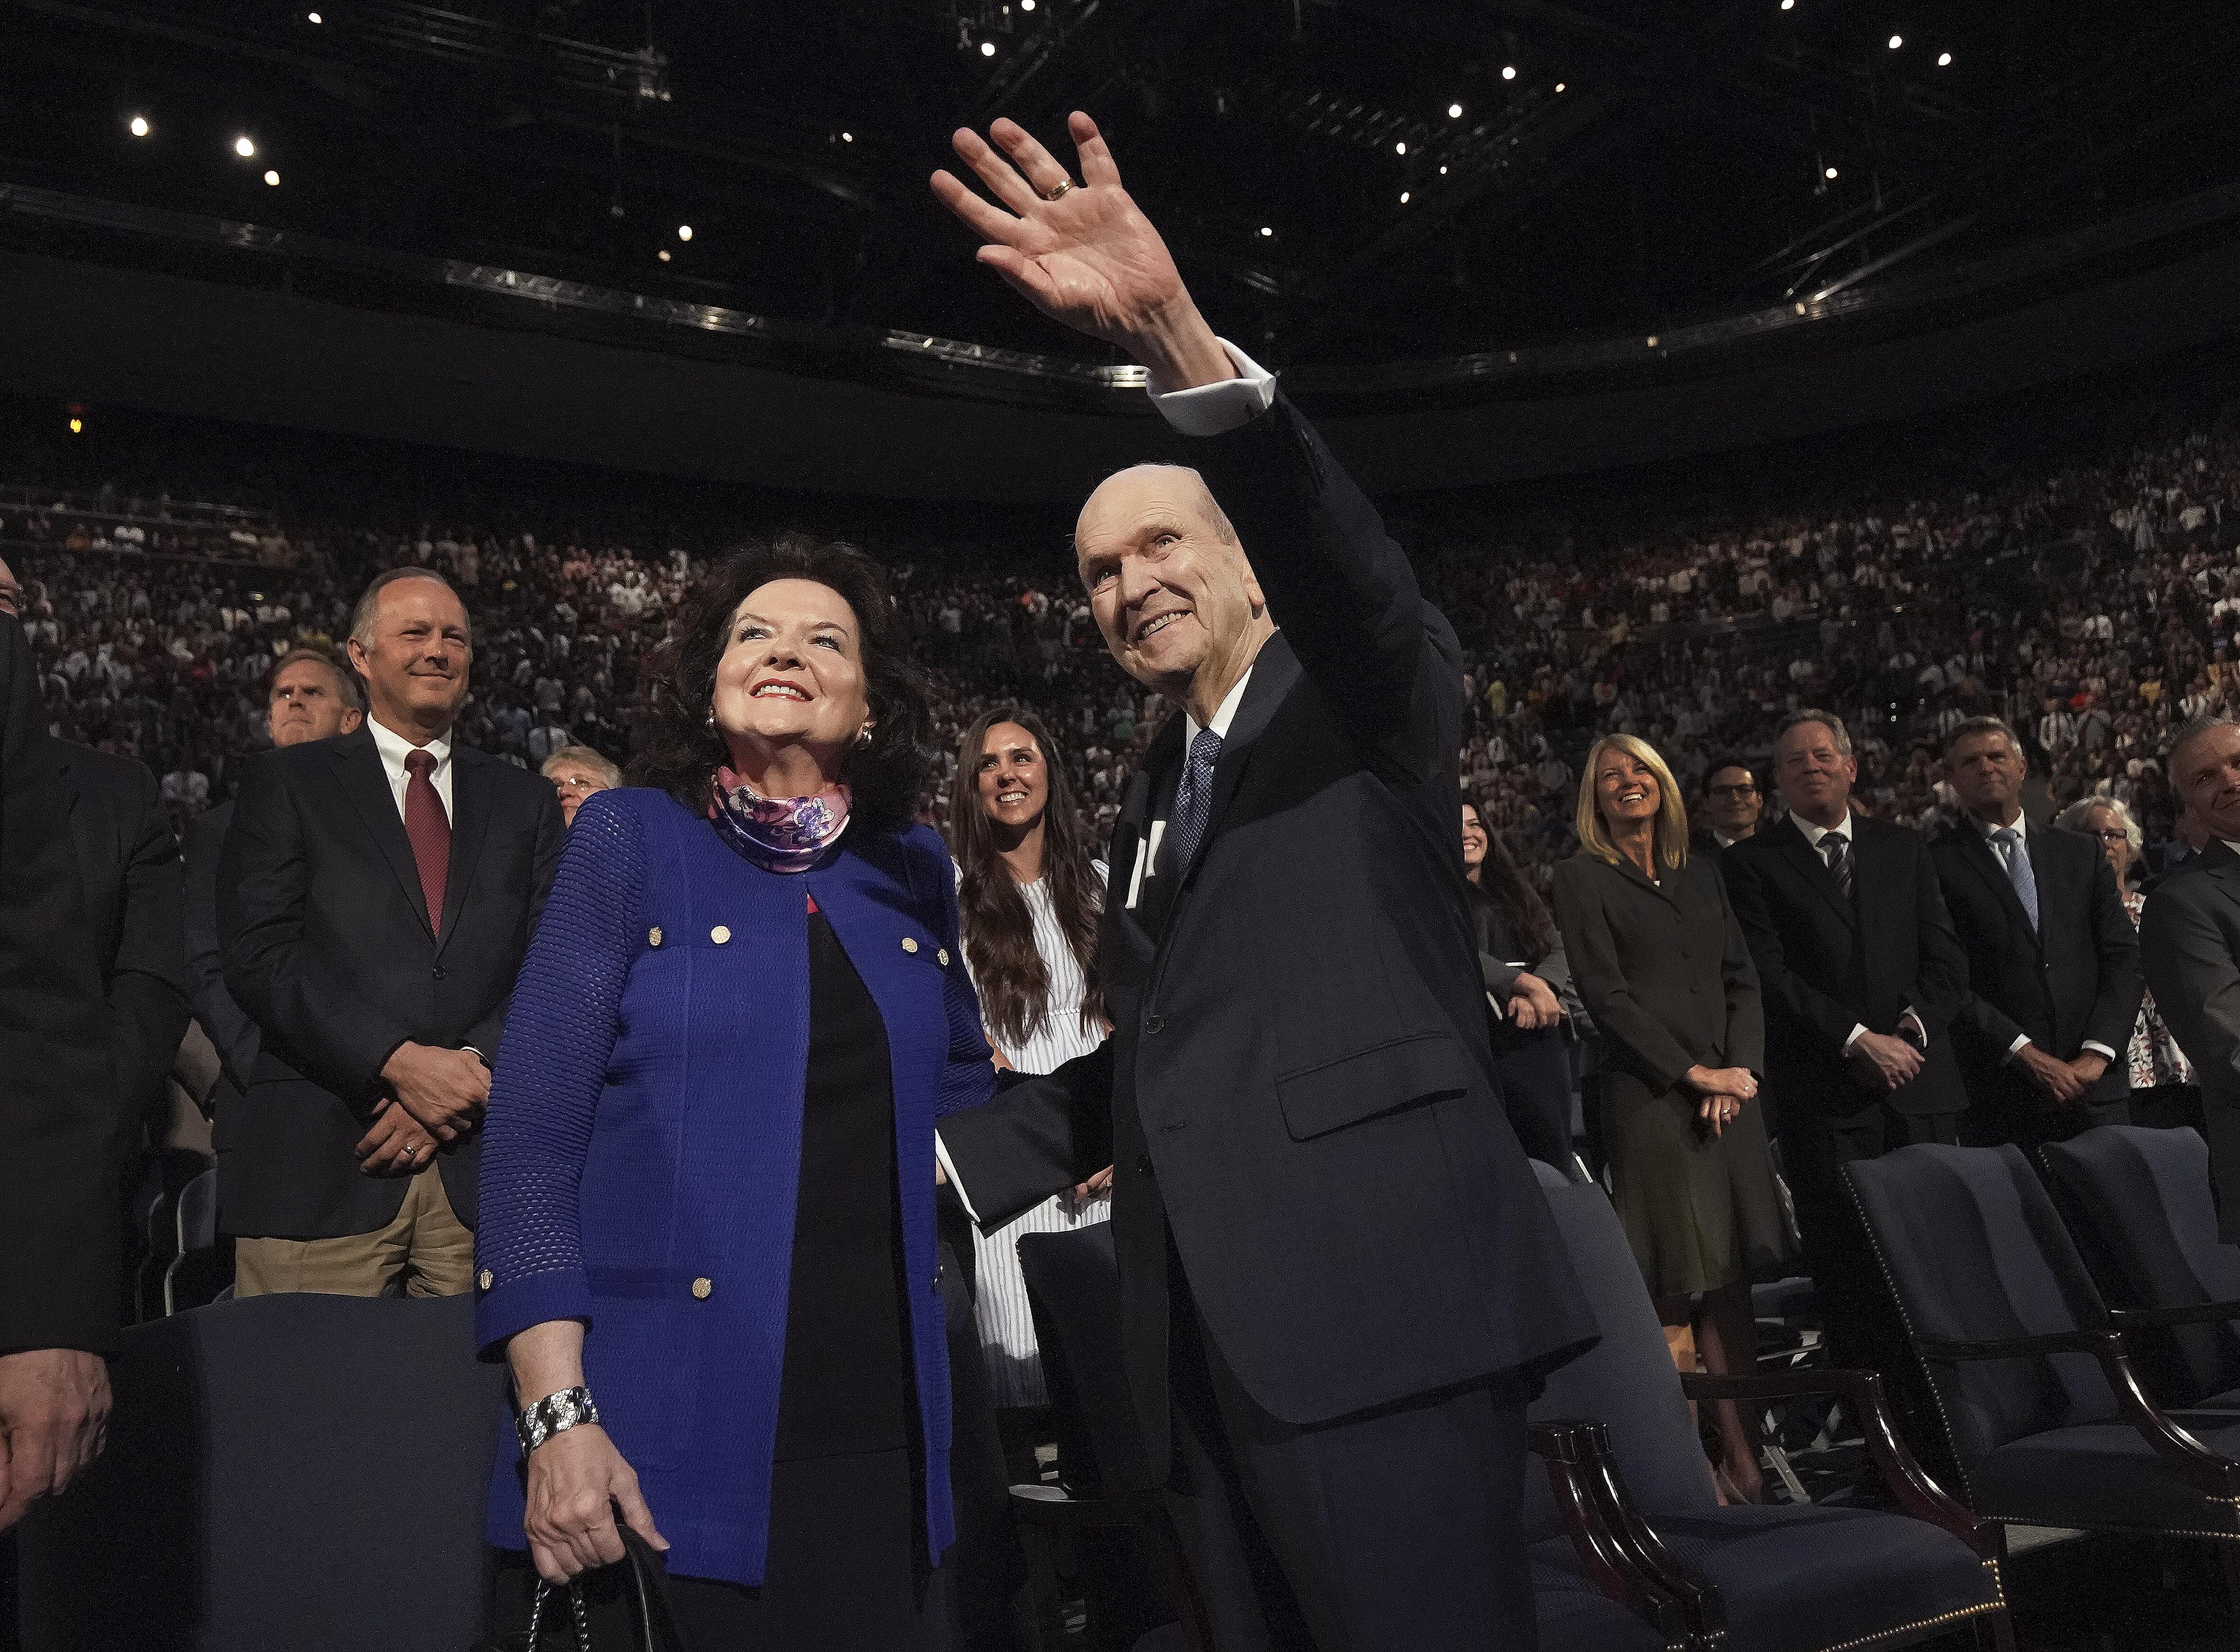 O presidente Russell M. Nelson, de A Igreja de Jesus Cristo dos Santos dos Últimos Dias, e sua esposa, a irmã Wendy Nelson, acenam para os alunos após um devocional na Universidade Brigham Young em Provo, na terça-feira, 17 de setembro de 2019.